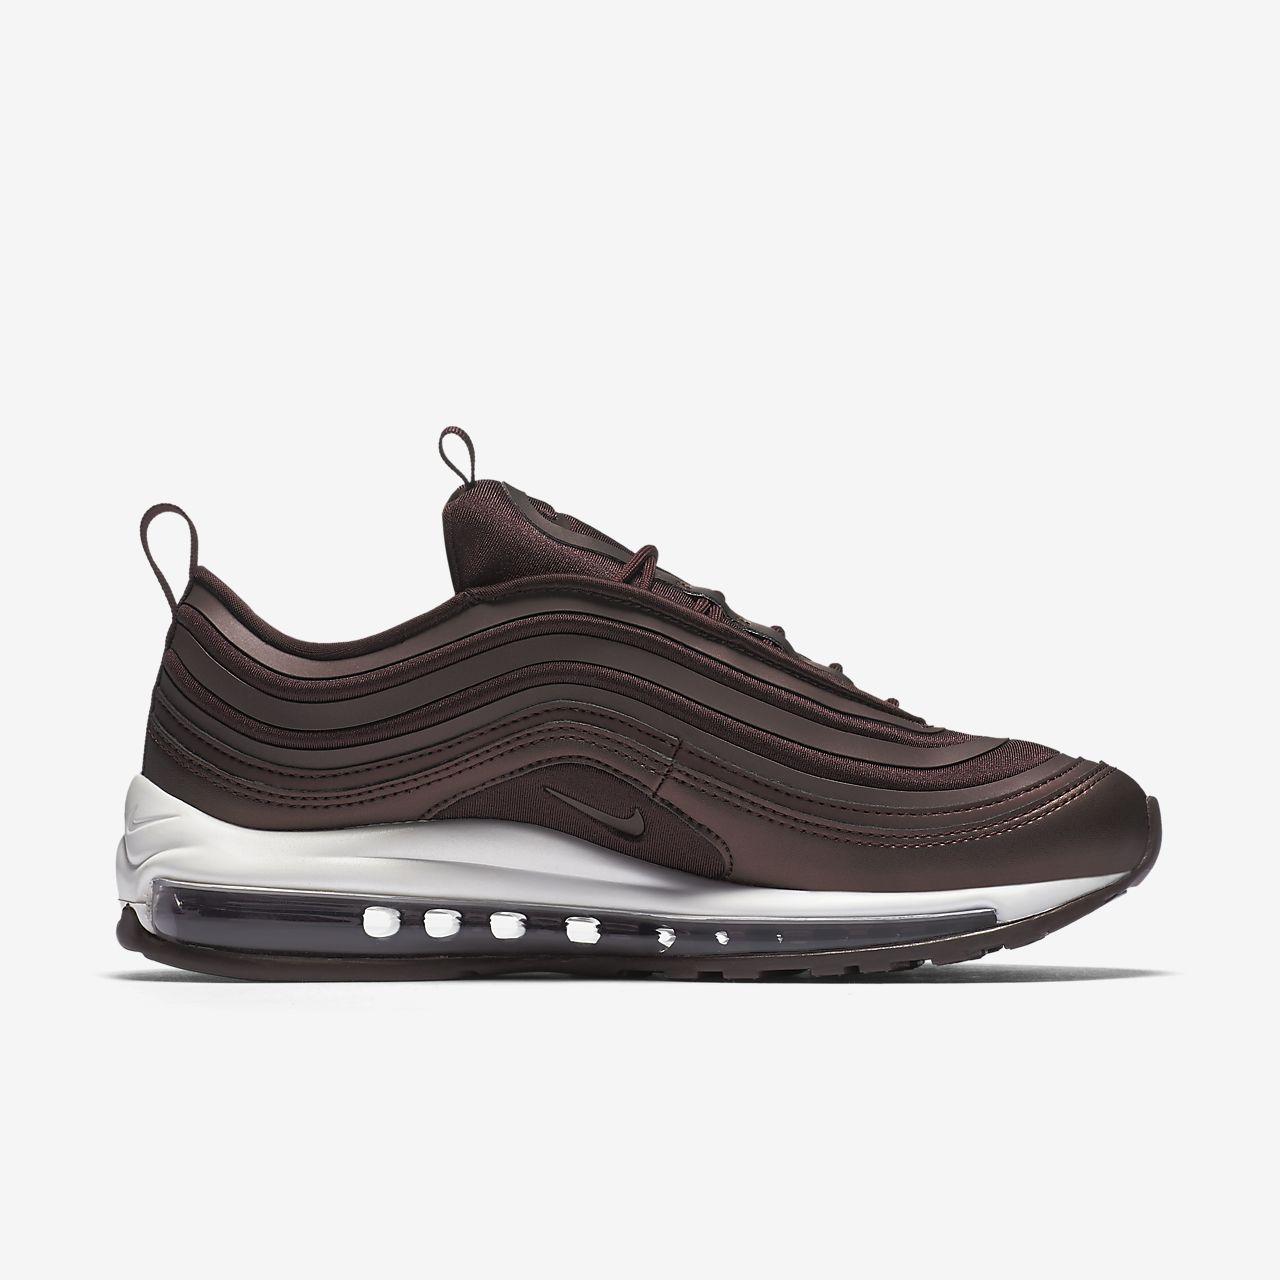 scarpe air max 97 ultra